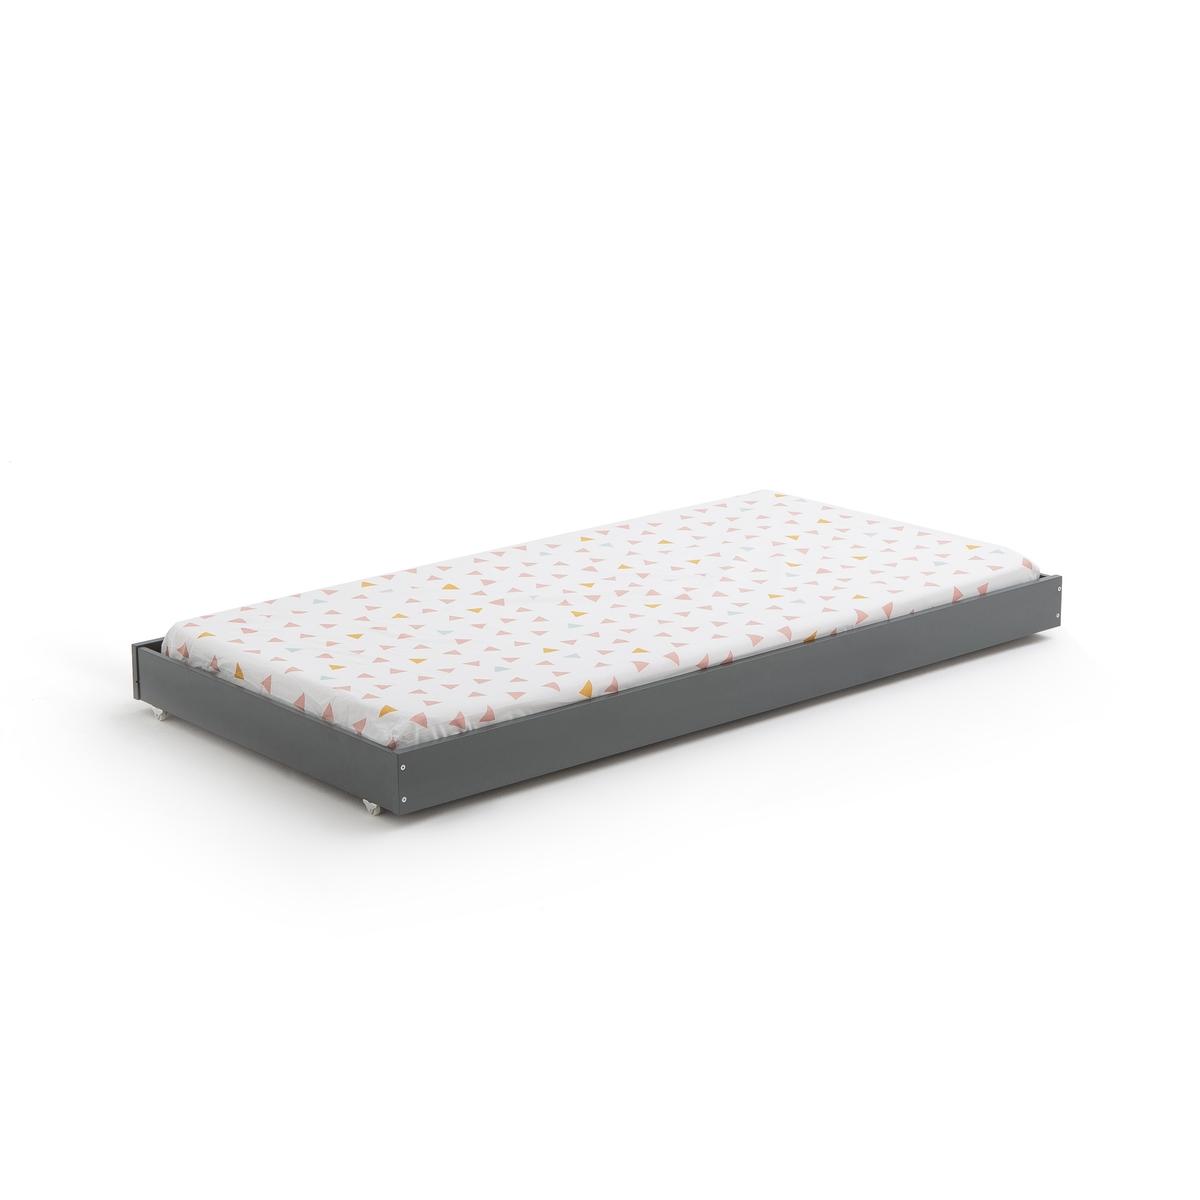 Ящик-кровать LaRedoute На колесиках Maysar единый размер серый матрас laredoute с поролоном для кровати ящика 90 x 180 x 12 красный